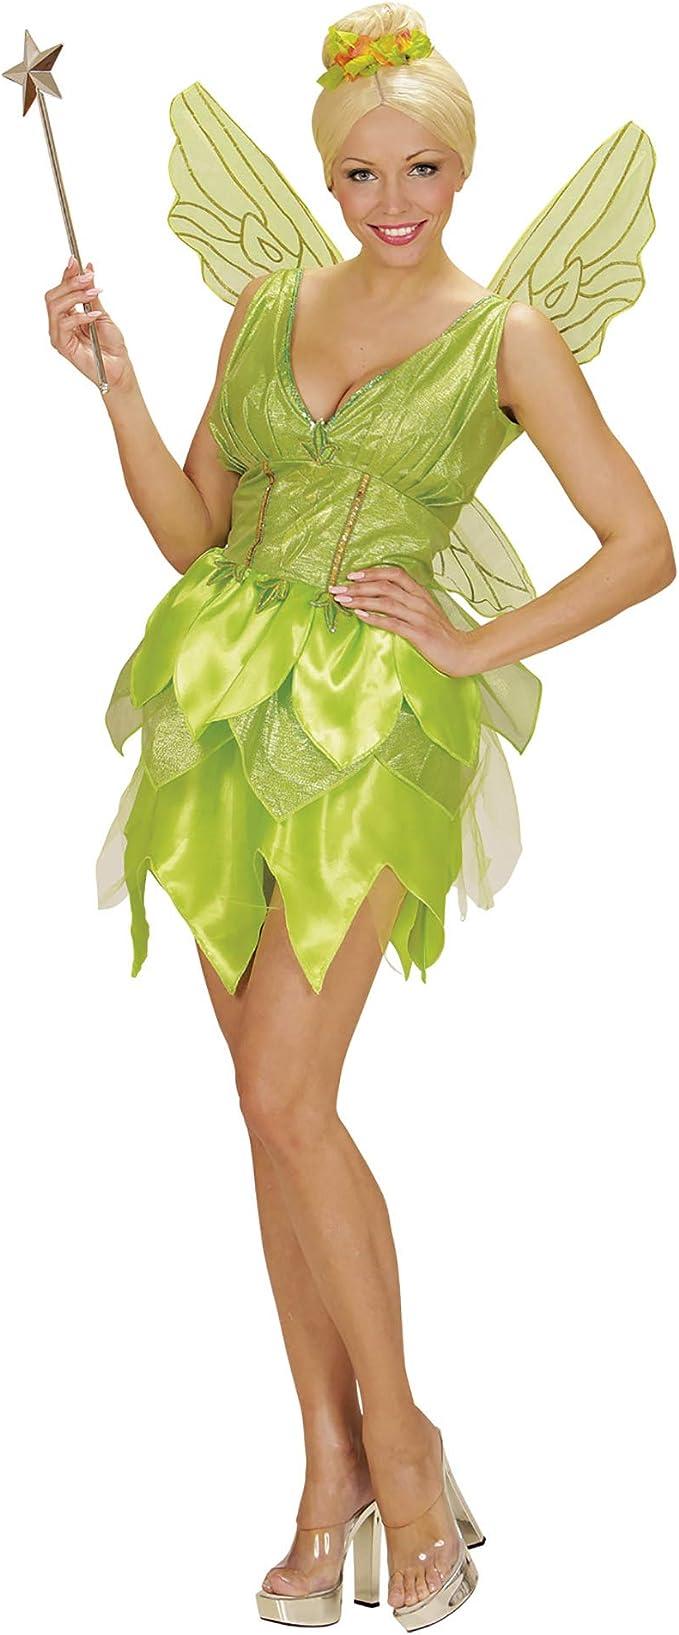 WIDMANN 02292 - Disfraz de Adulto de Hadas Fantasy Vestido, alas ...